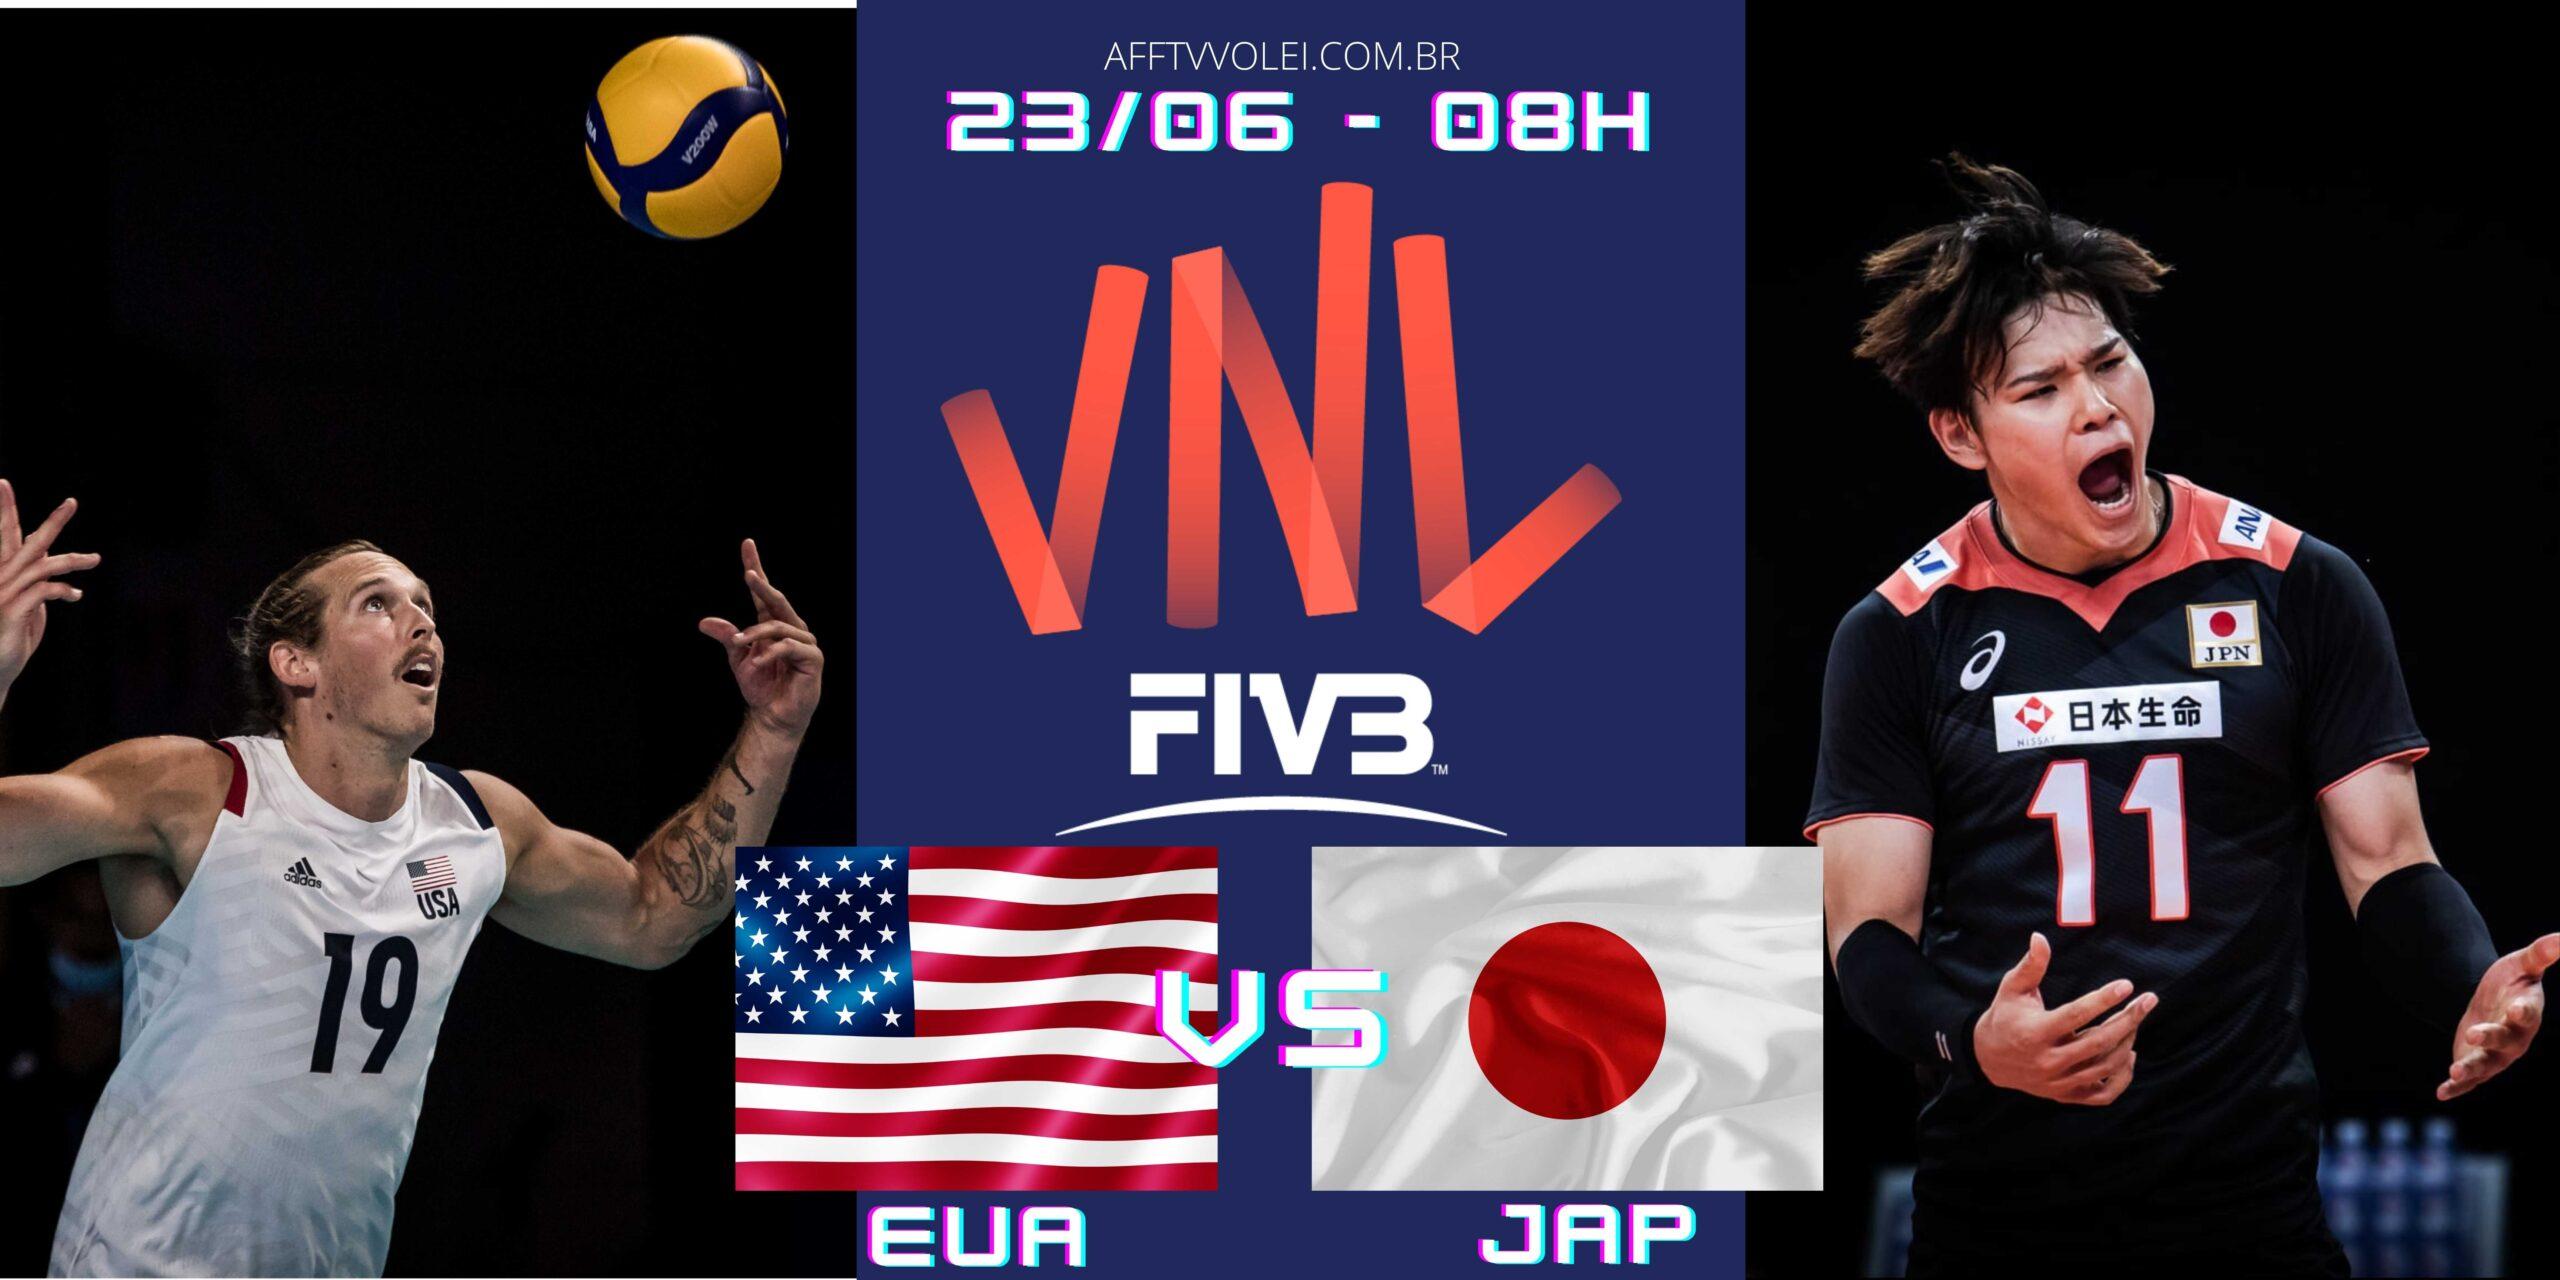 EUA 3 vs 0 Japão – Liga das Nações – 23/06/2021